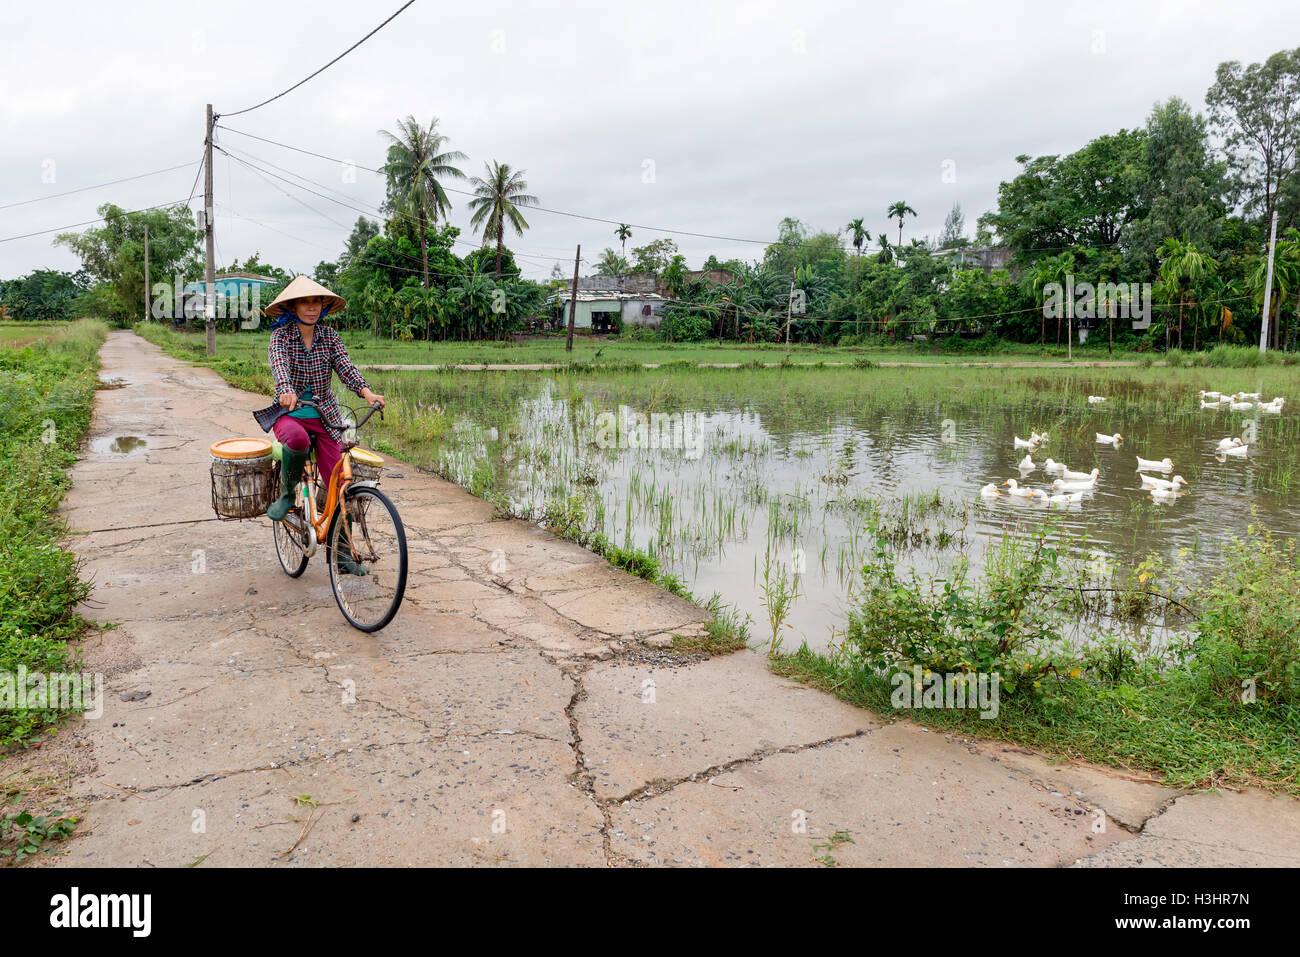 Rural scene in Vietnam - Stock Image